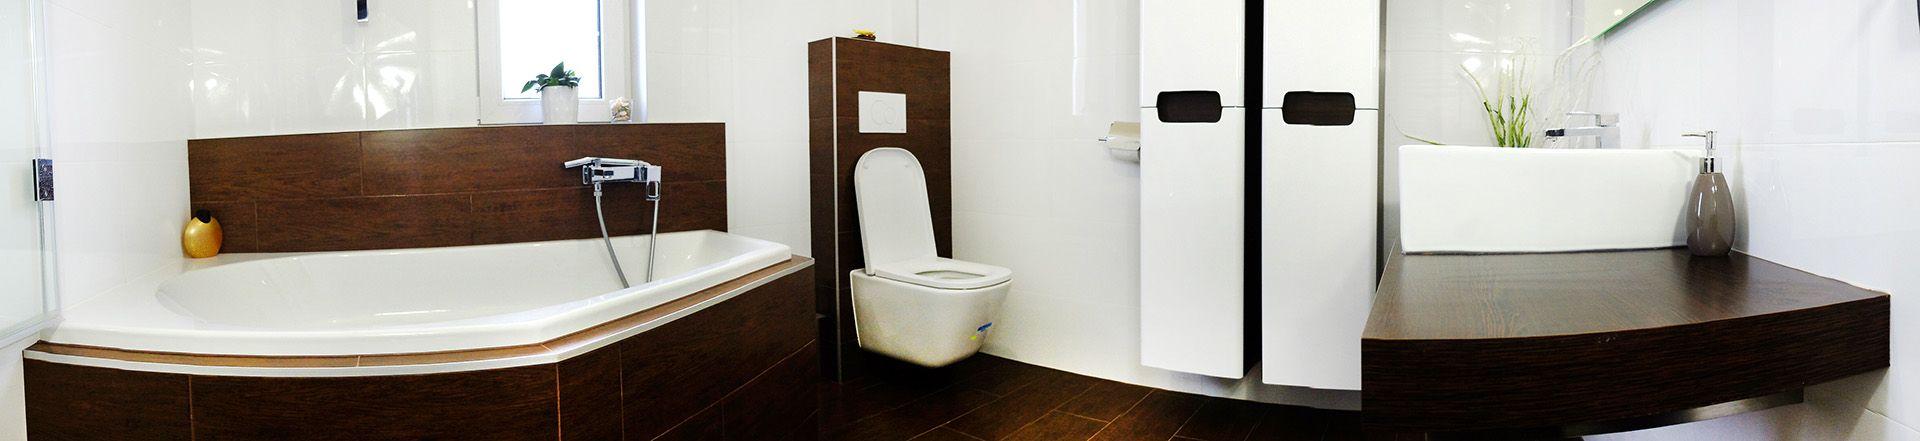 Obložení koupelny v Plzni